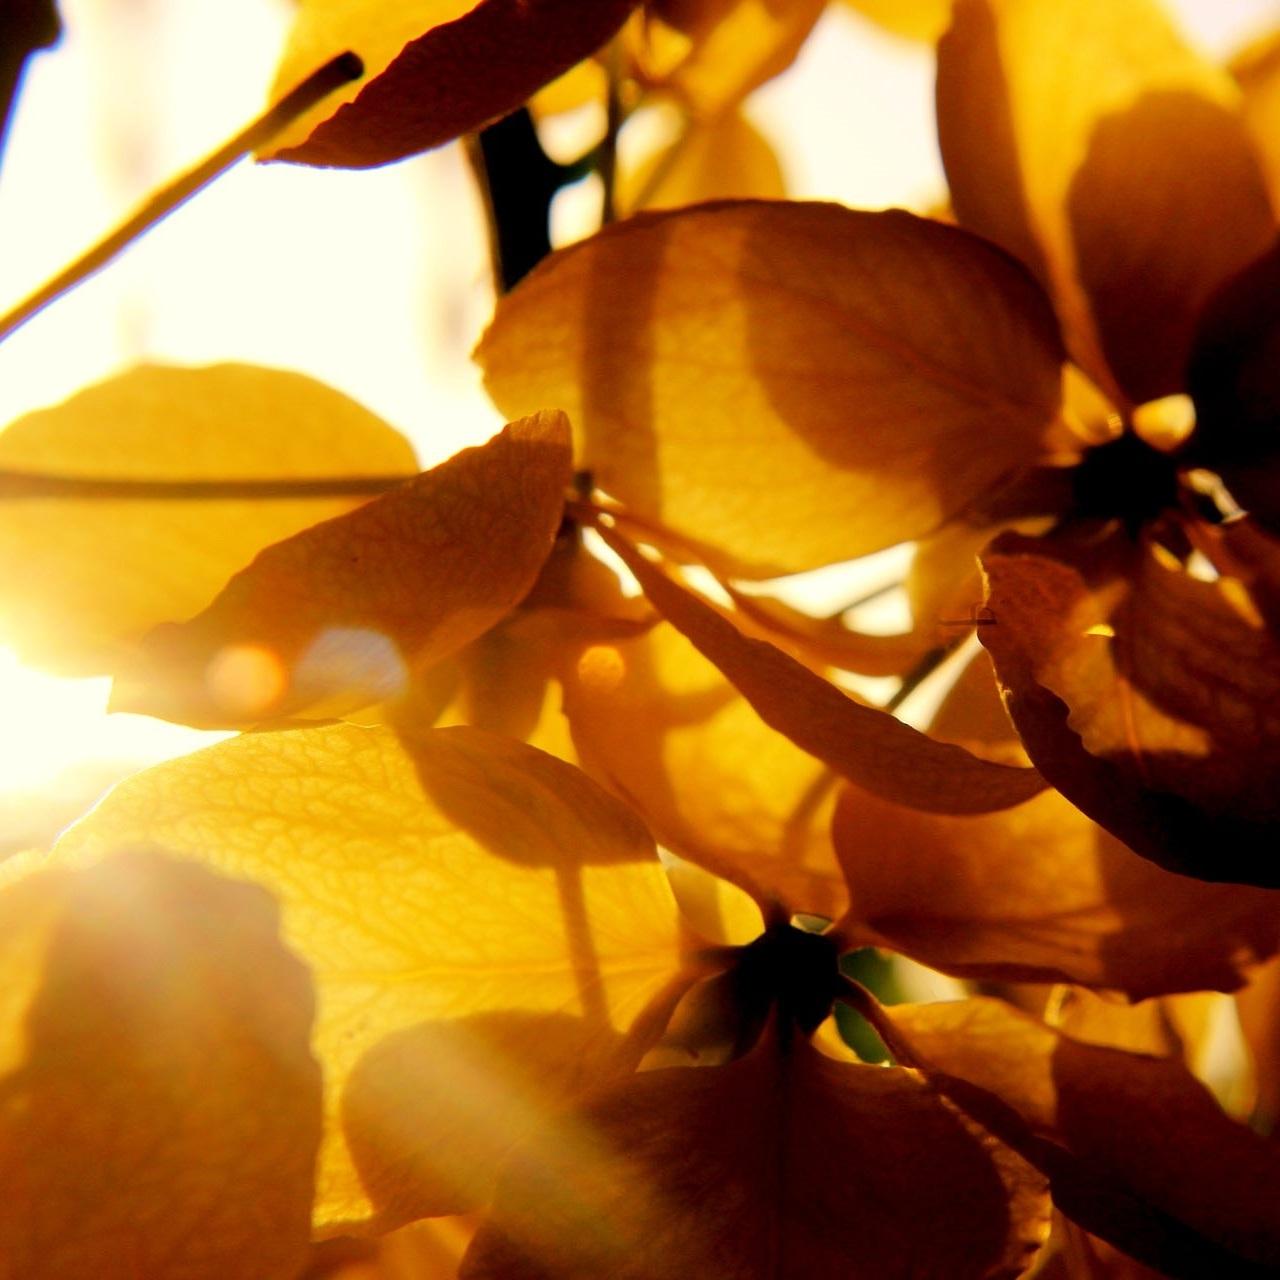 pexels-beautiful-bloom-blooming-640785.jpg